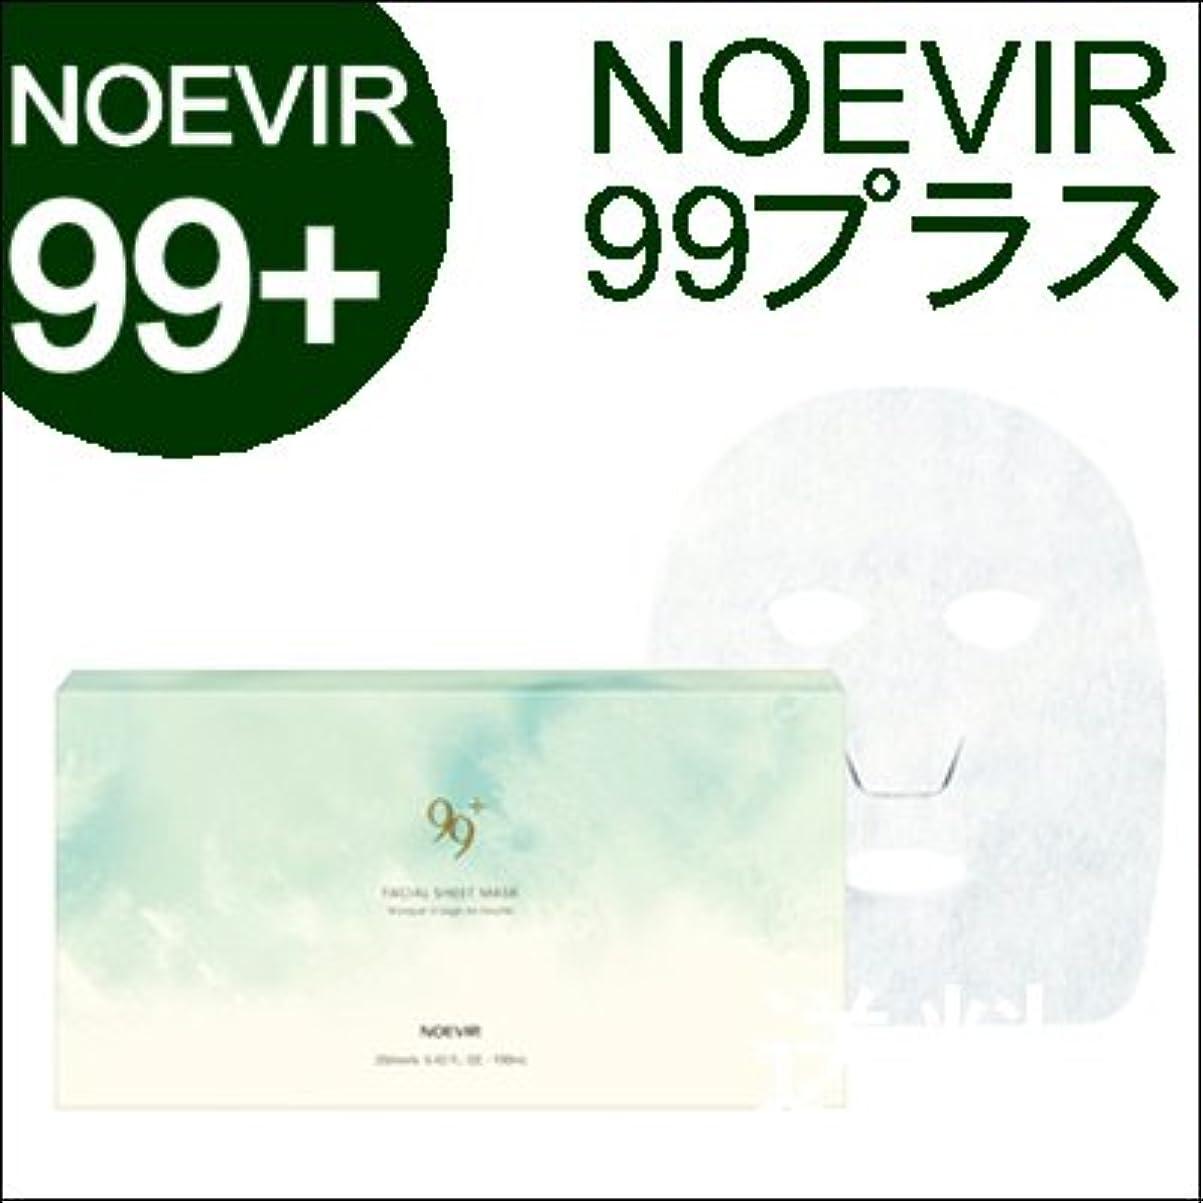 磁器思慮深い瞑想ノエビア 99プラス フェイシァルシートマスク 20枚入 [並行輸入品]